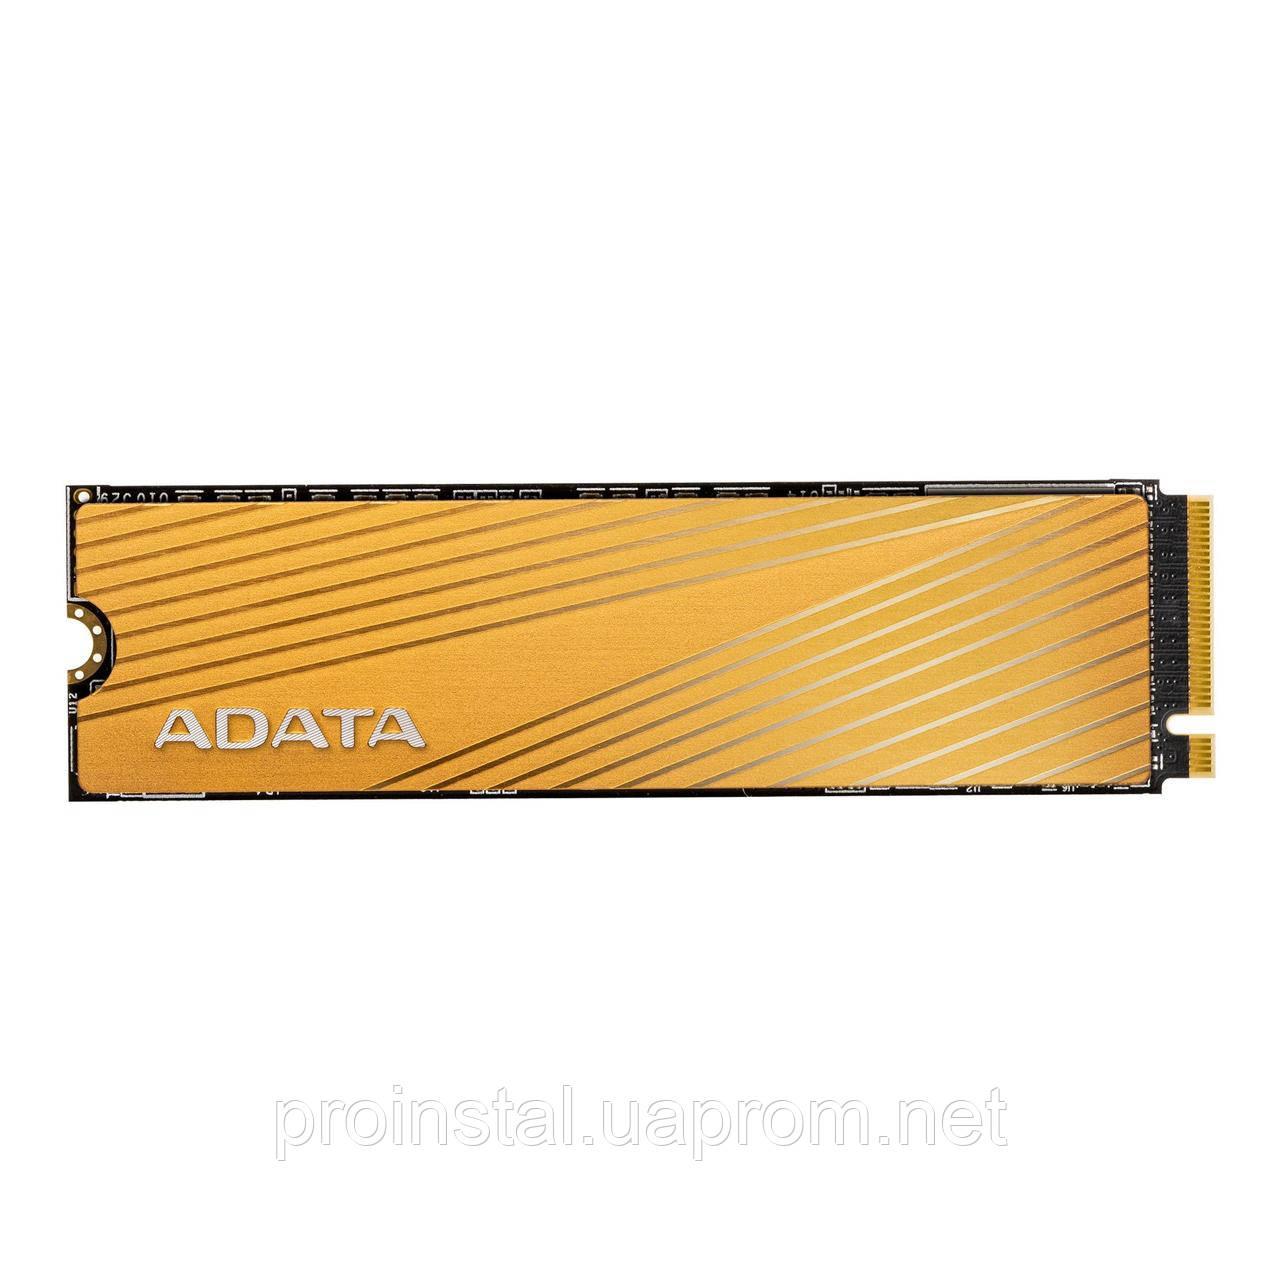 Твердотельный накопитель SSD ADATA M.2 NVMe PCIe 3.0 x4 512GB 2280 Falcon